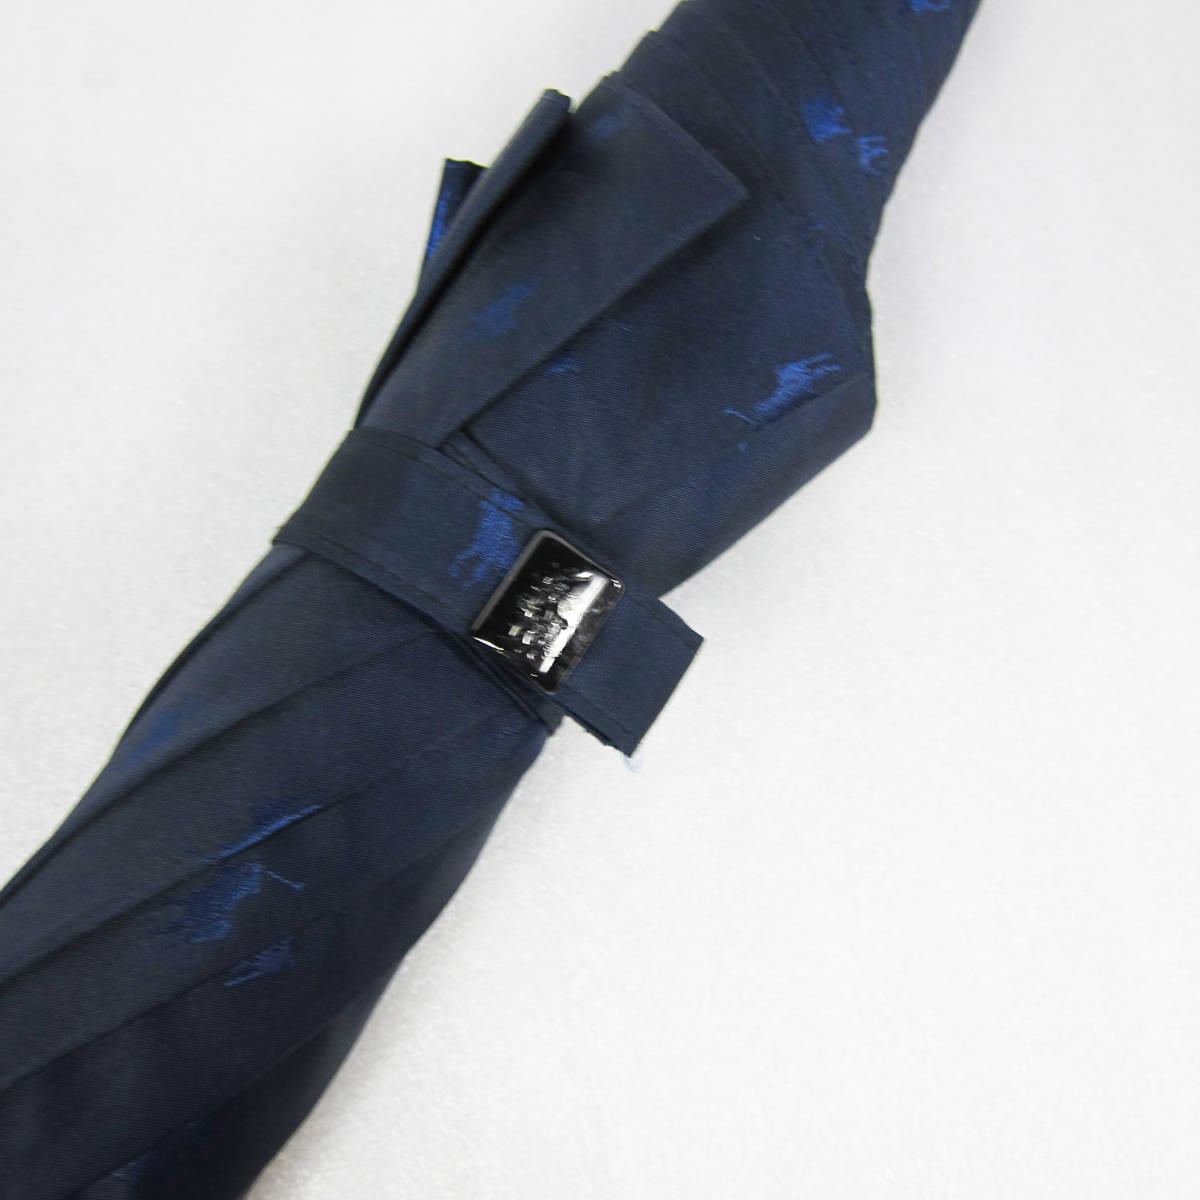 M5149●POLO RALPH LAUREN ポロ ラルフローレン 紳士傘 ポニーマーク ネイビー グラスファイバー骨 65cm USED 中古品_画像8